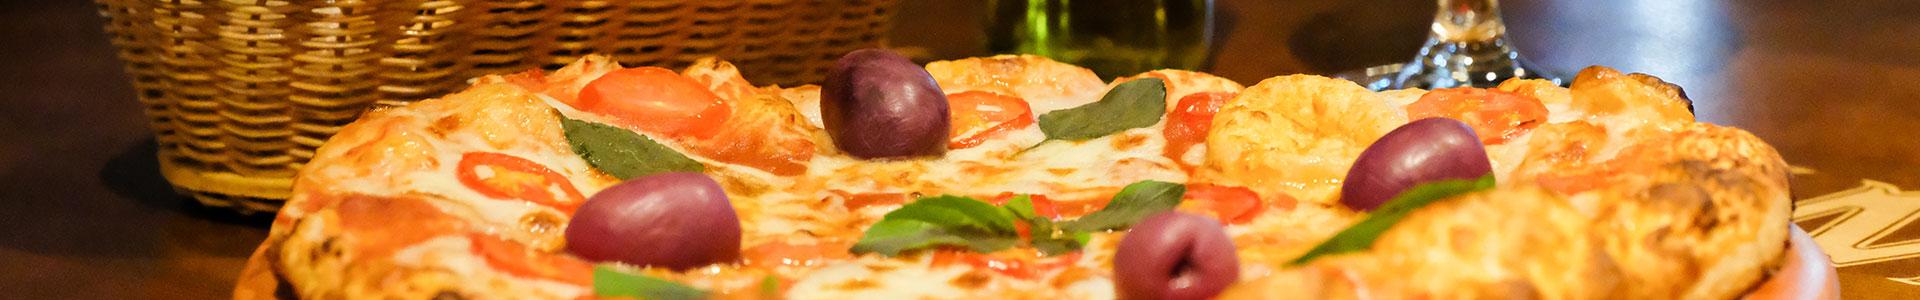 Alecrim-Pizzaria-Delivery-Nova-Friburgo-menu-pizzas-especiais